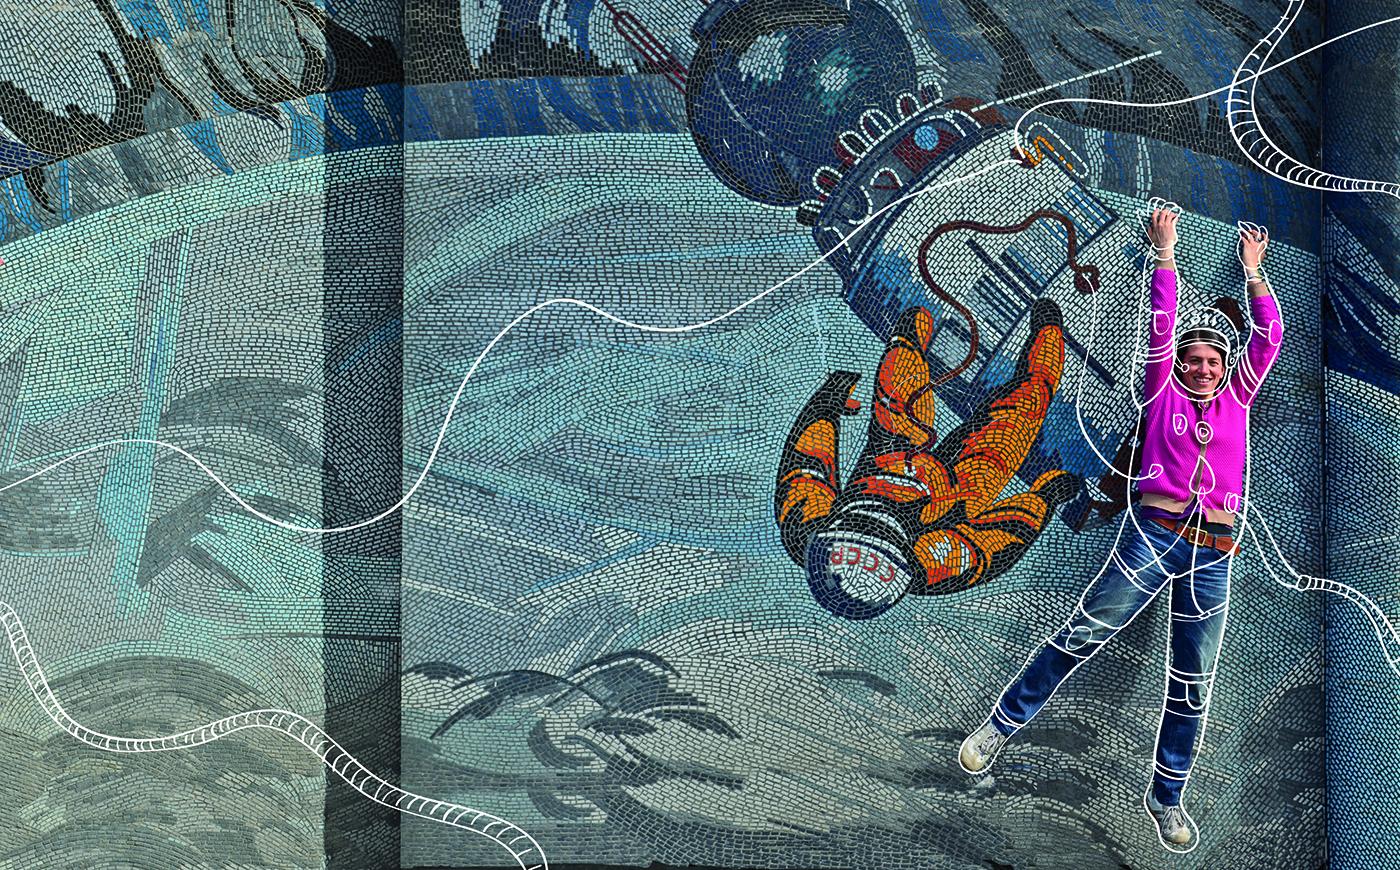 verenapostweiler_2016-Kosmonauten-mitRaumanzug_1400x870